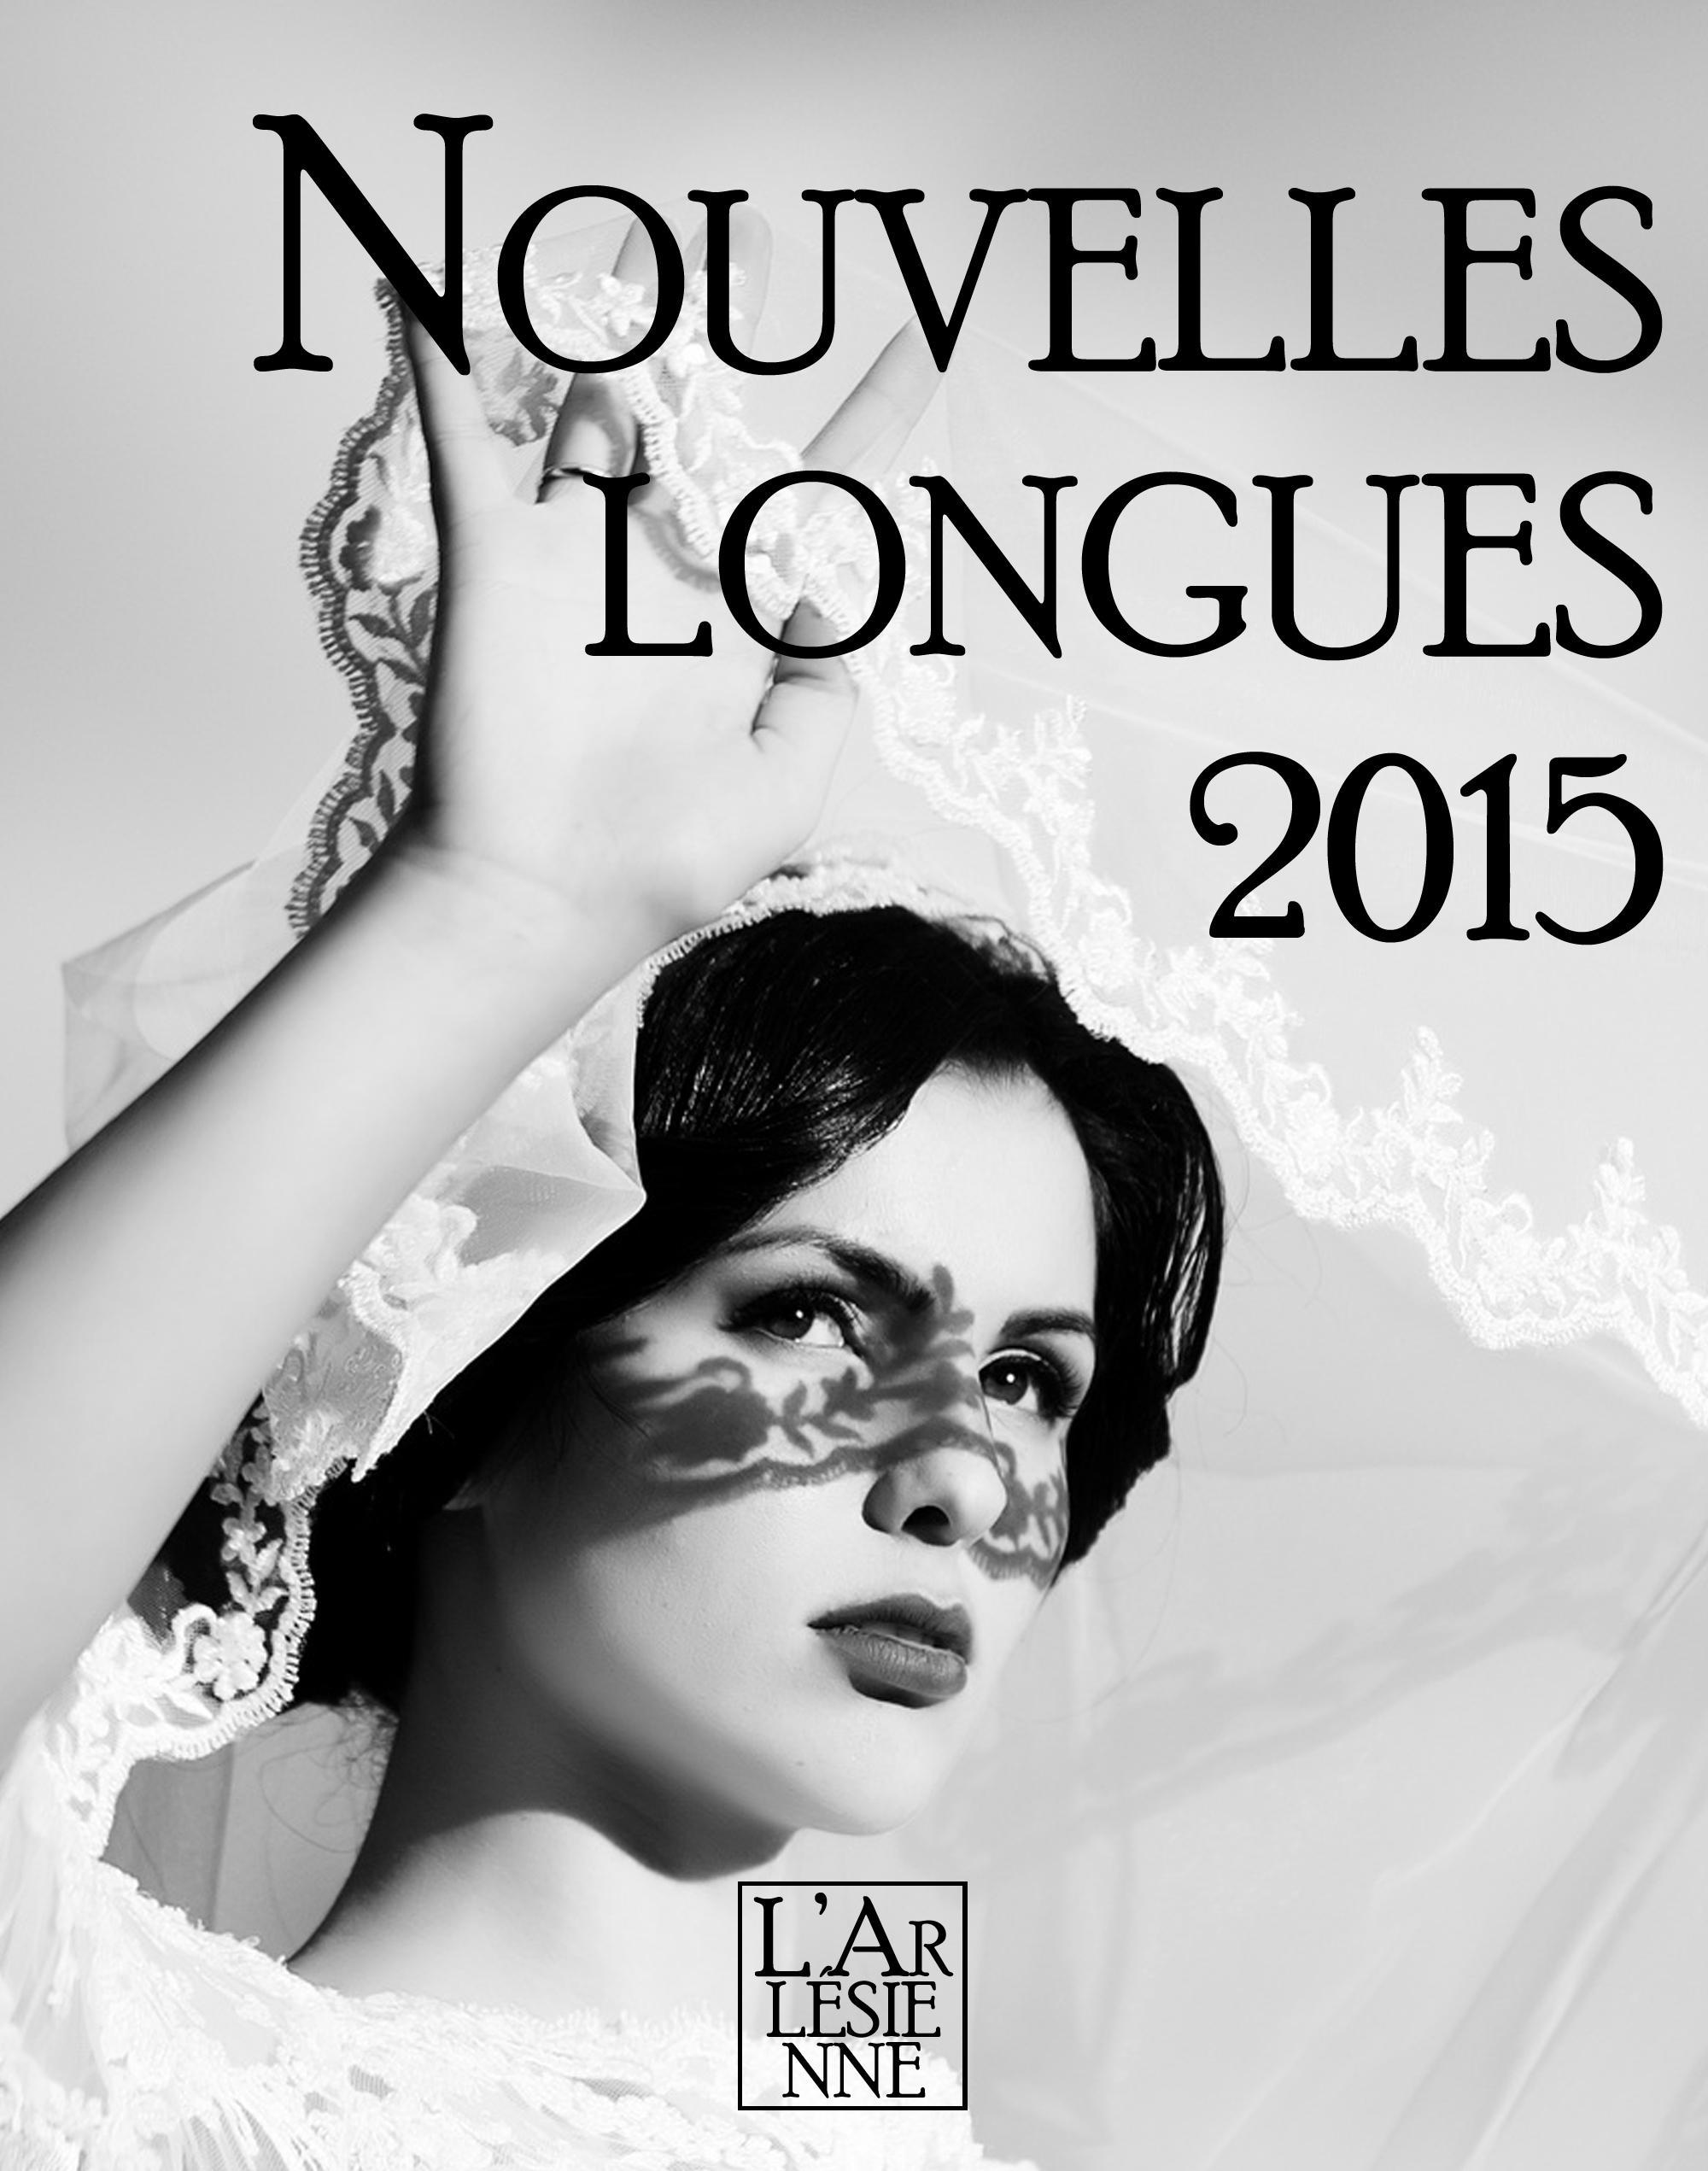 Nouvelles longues 2015